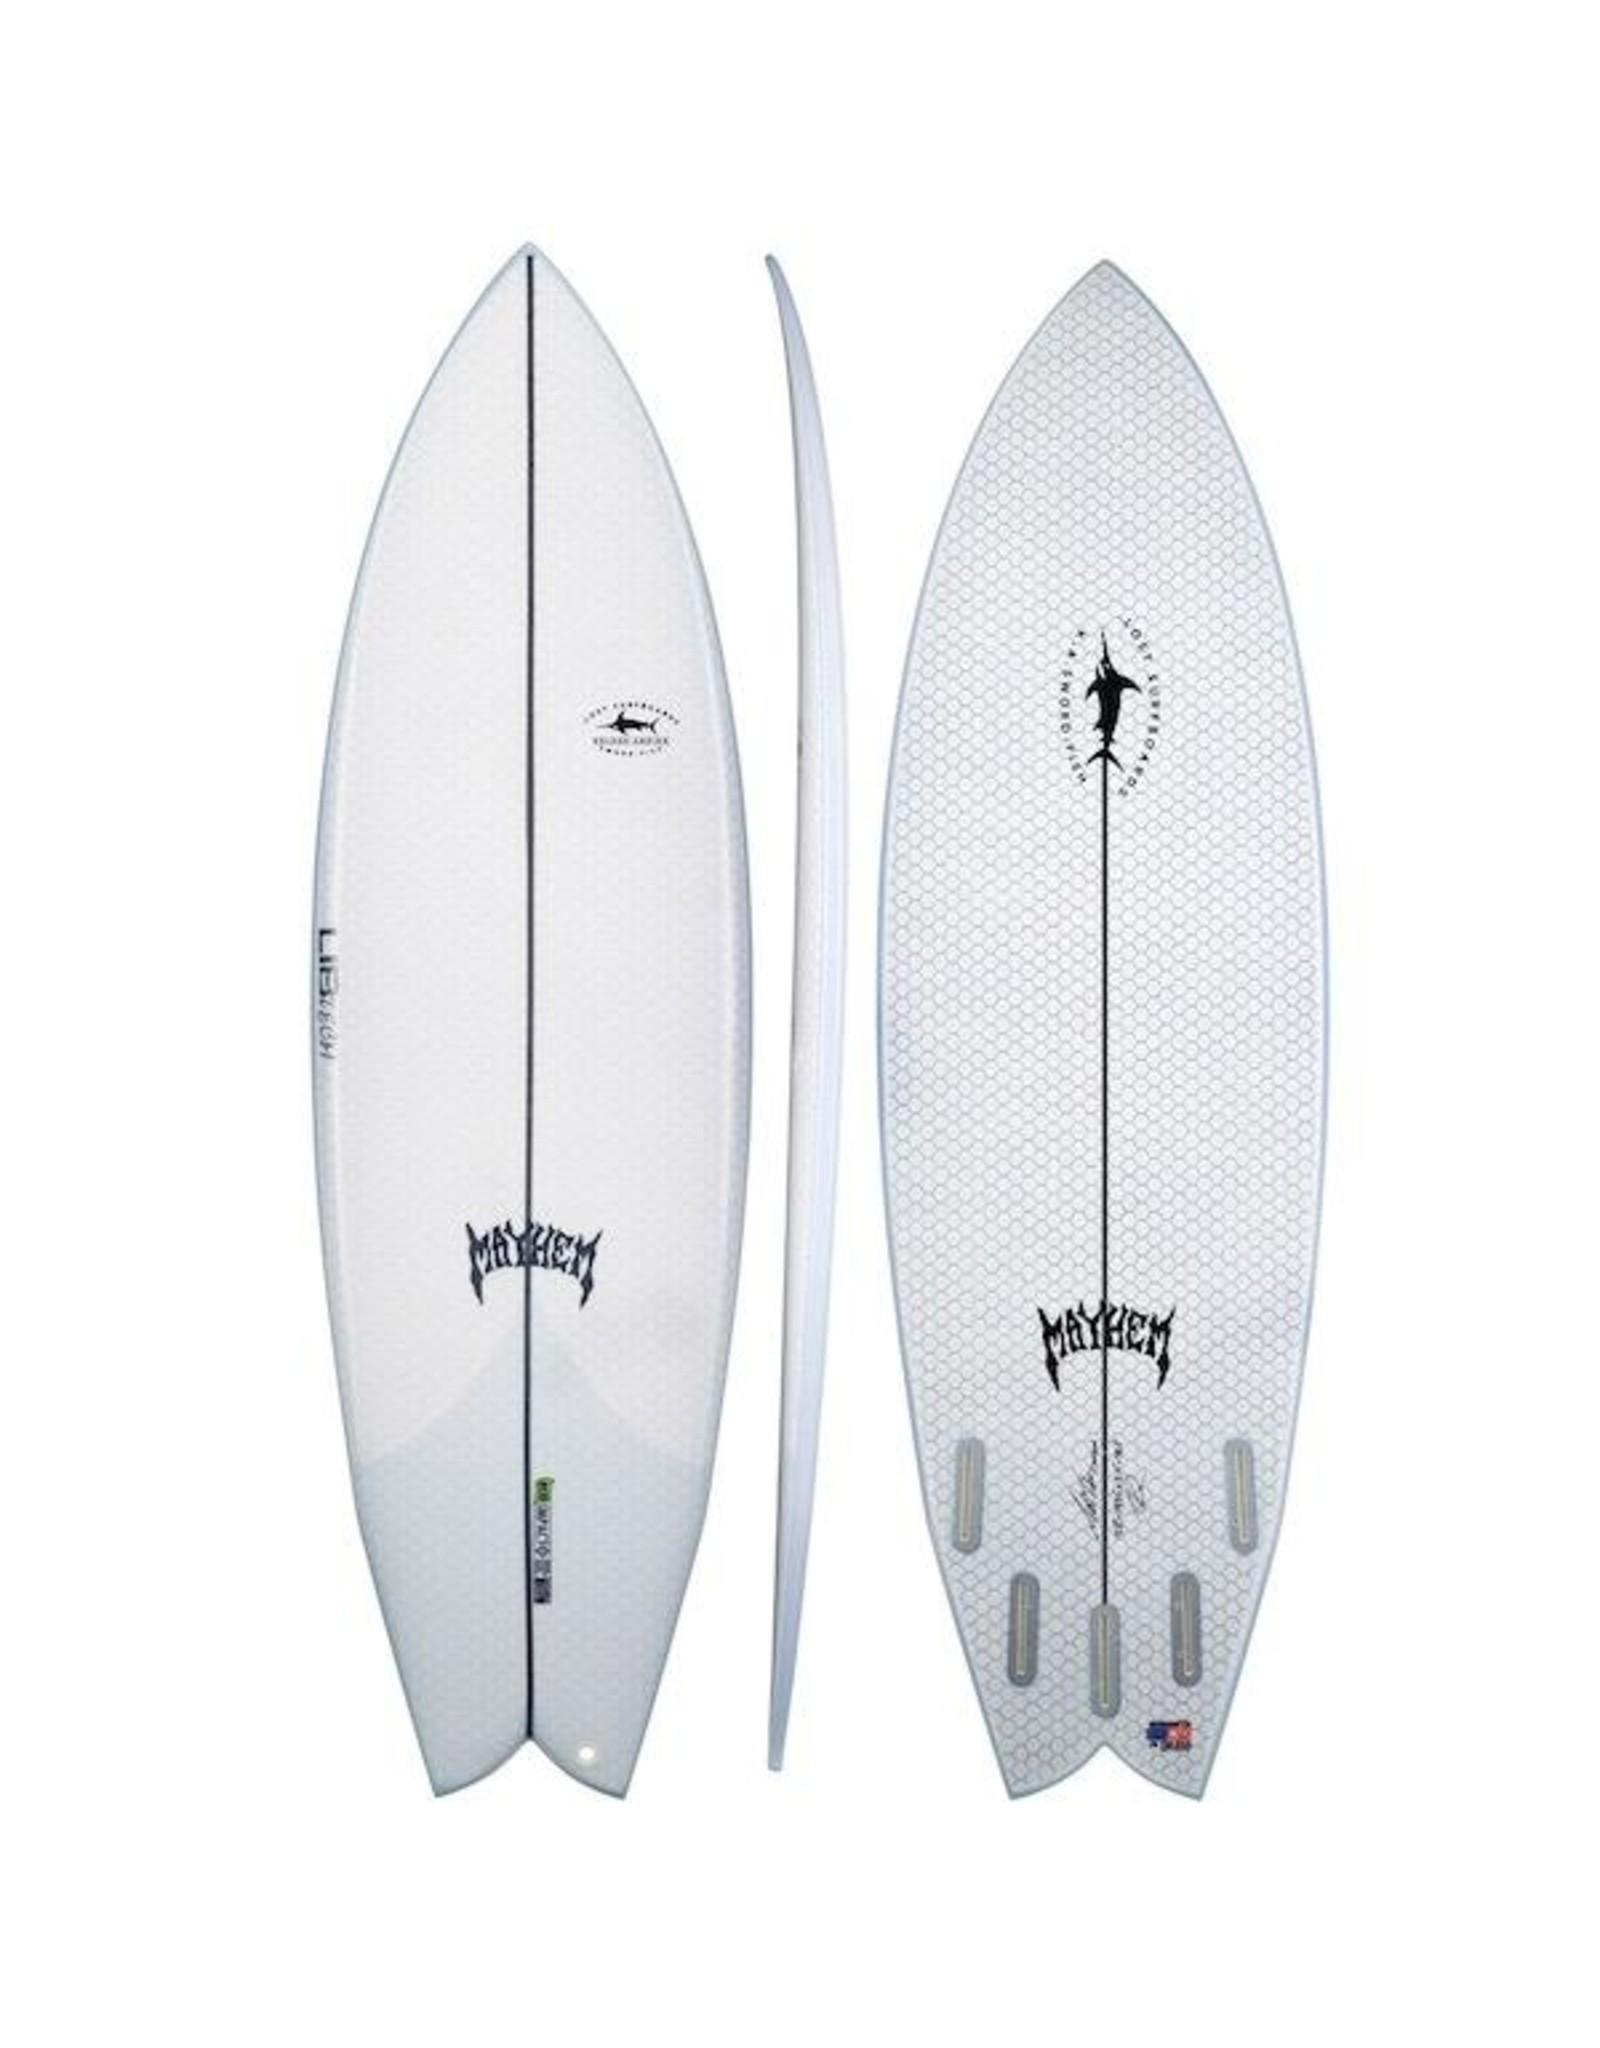 Lib-Tech Lib-Tech - 5'9 - Lost K.A Swordfish Exacta - 29L - FCS2